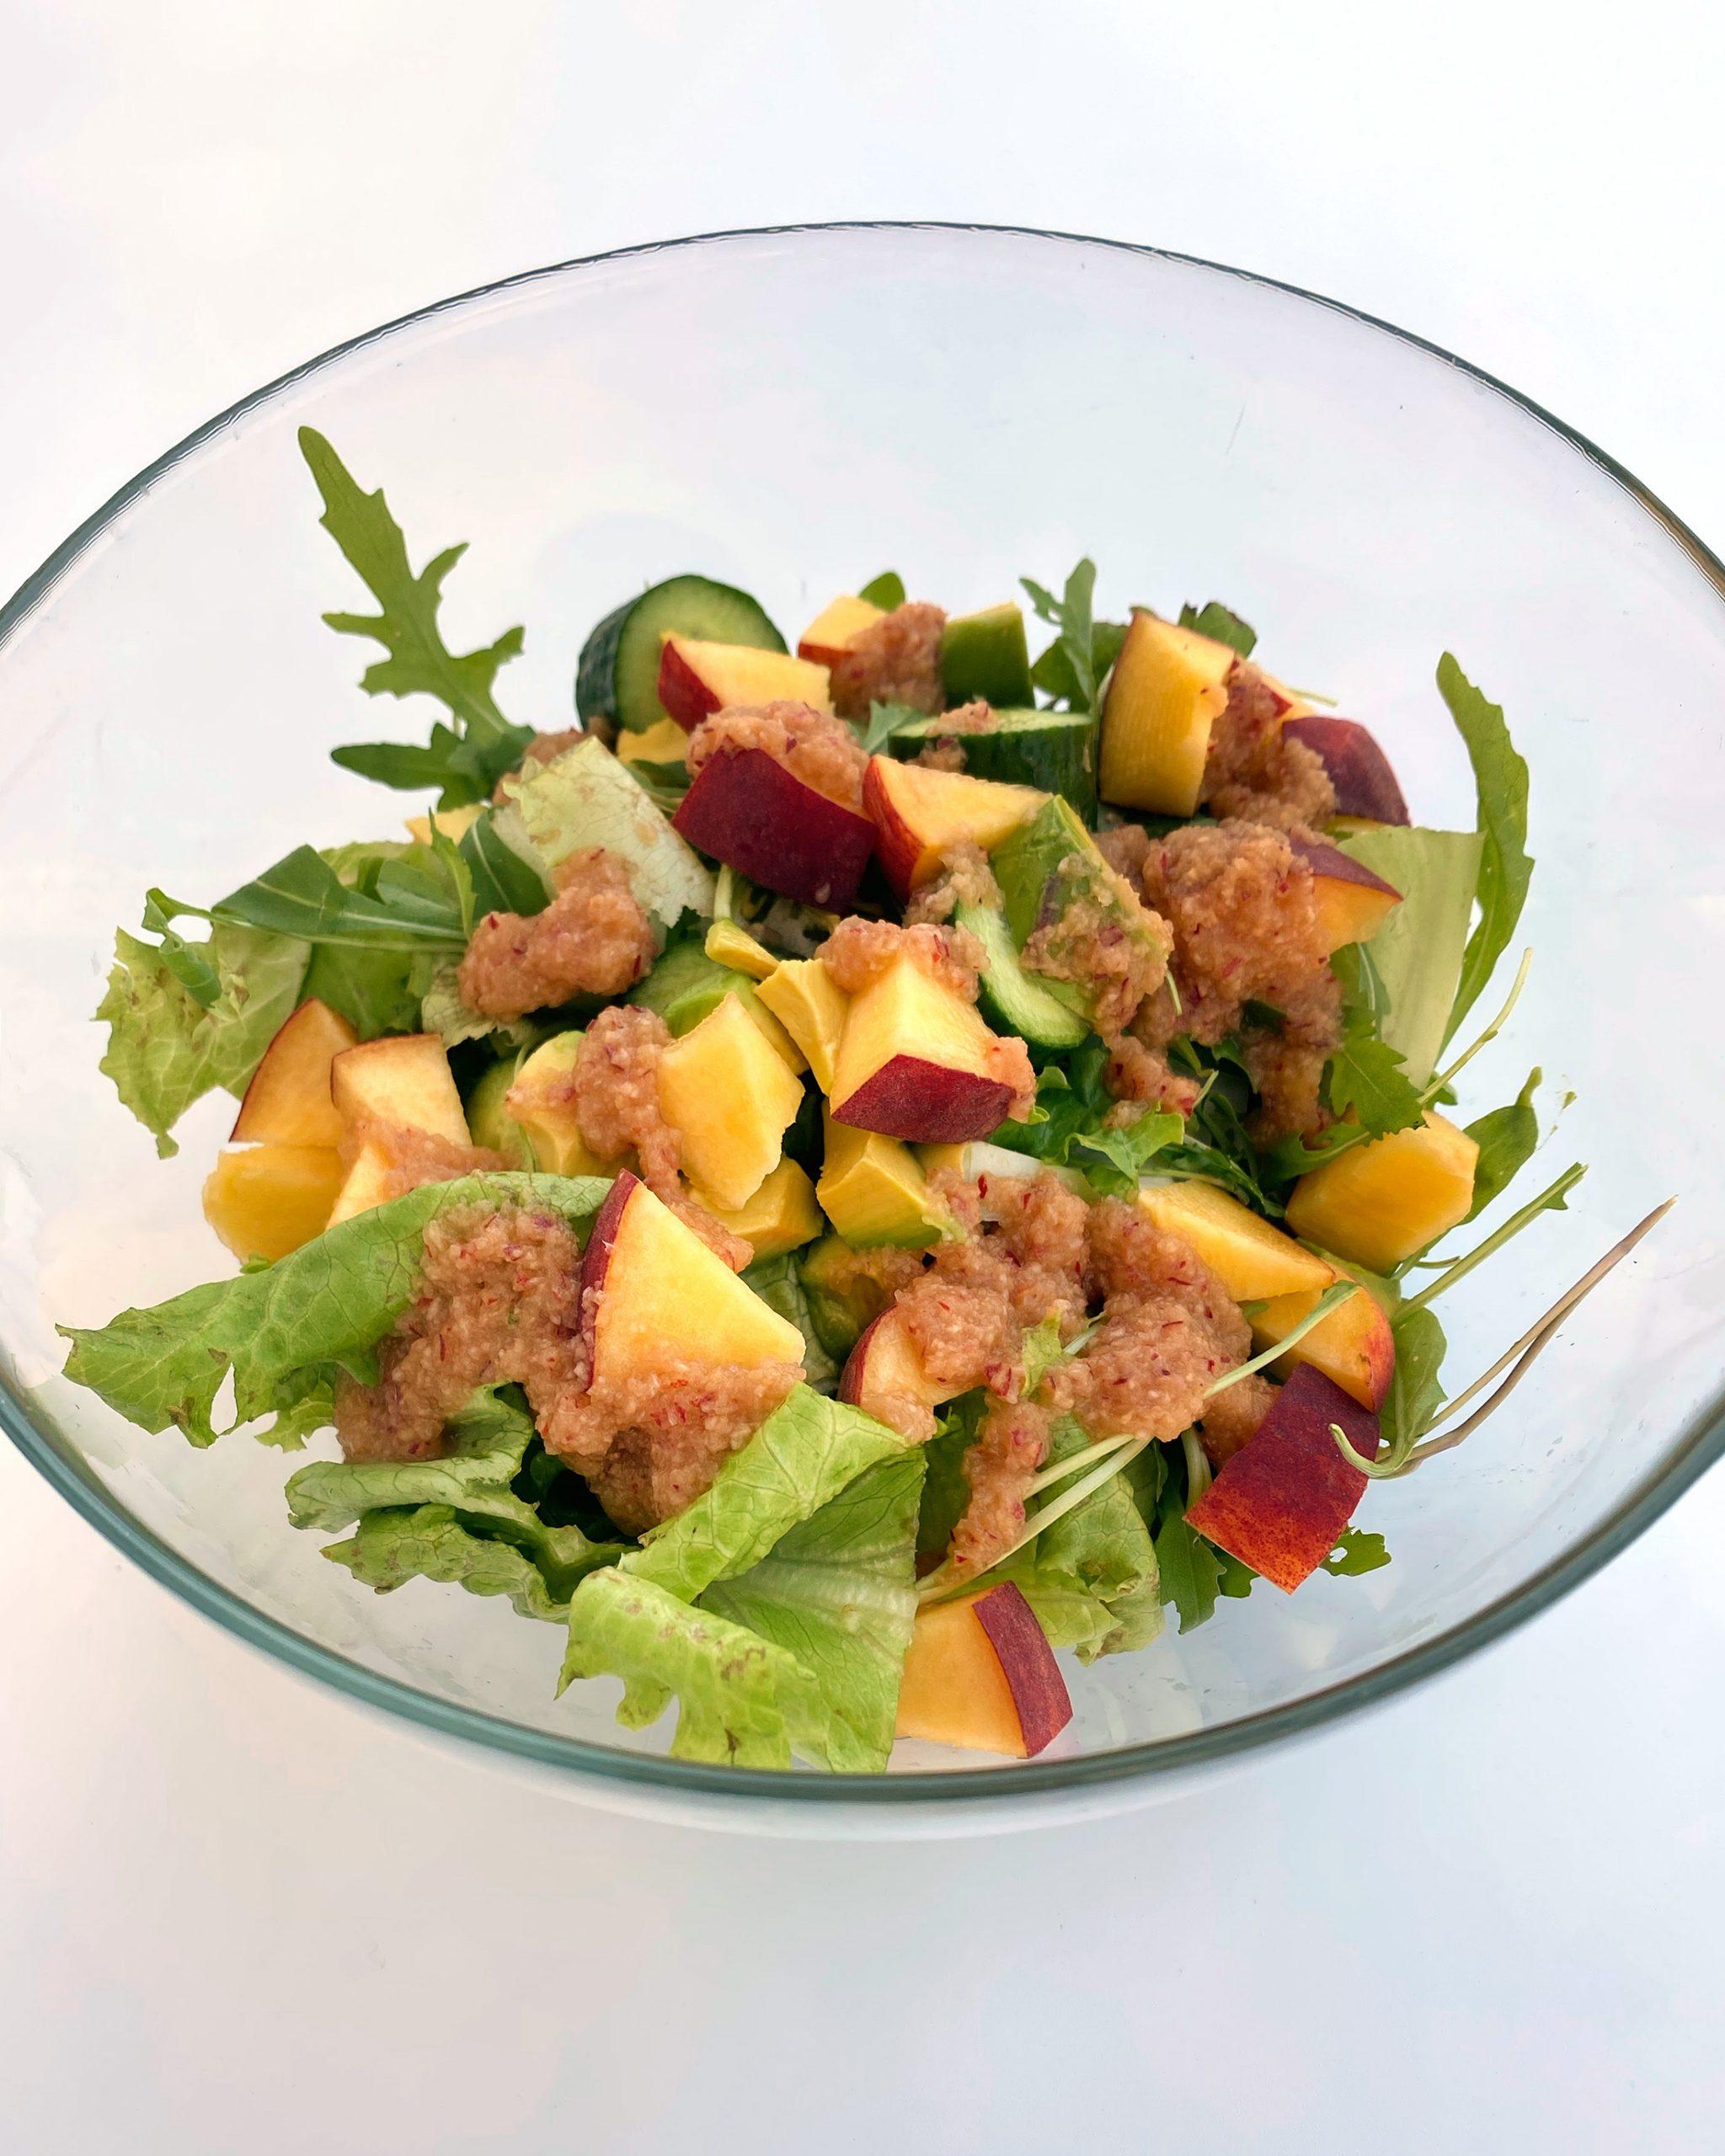 σαλάτα με ροδάκινο